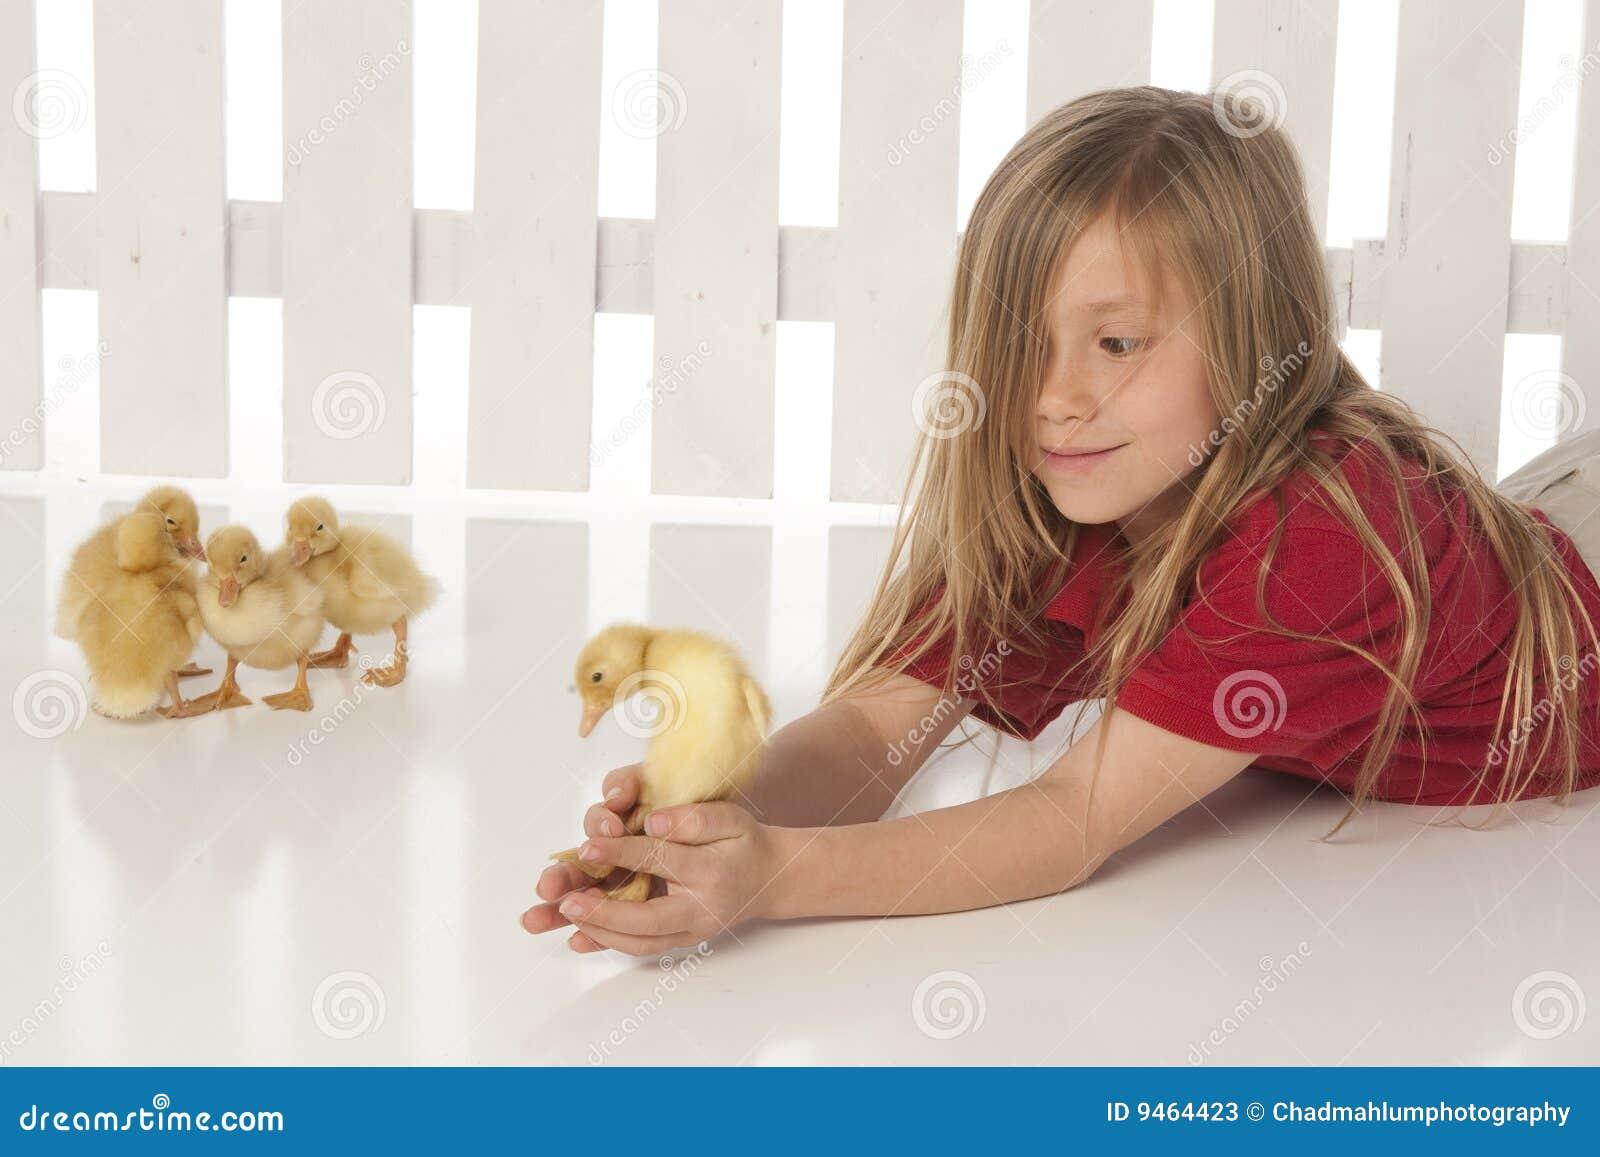 Naked Girl Holding Ducks